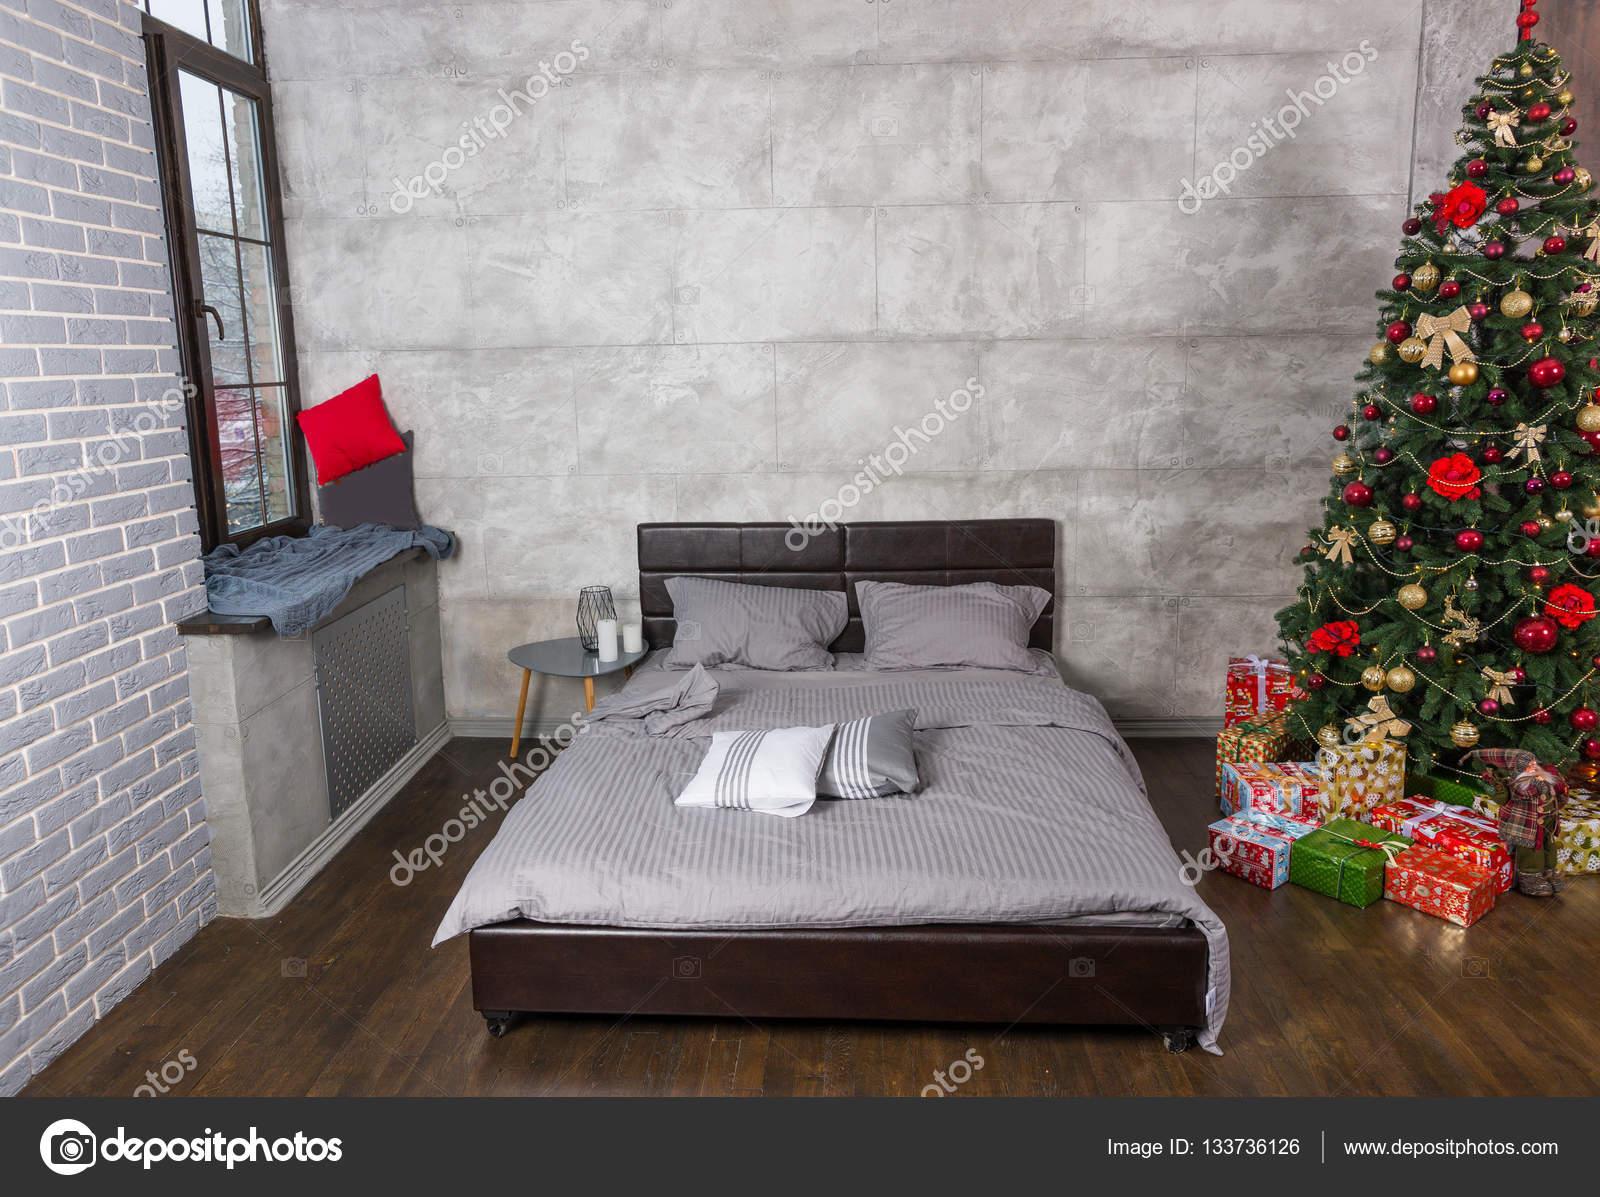 Slaapkamer Kleuren Grijs : Stijlvolle slaapkamer in loft stijl met grijze kleuren en kerstmis